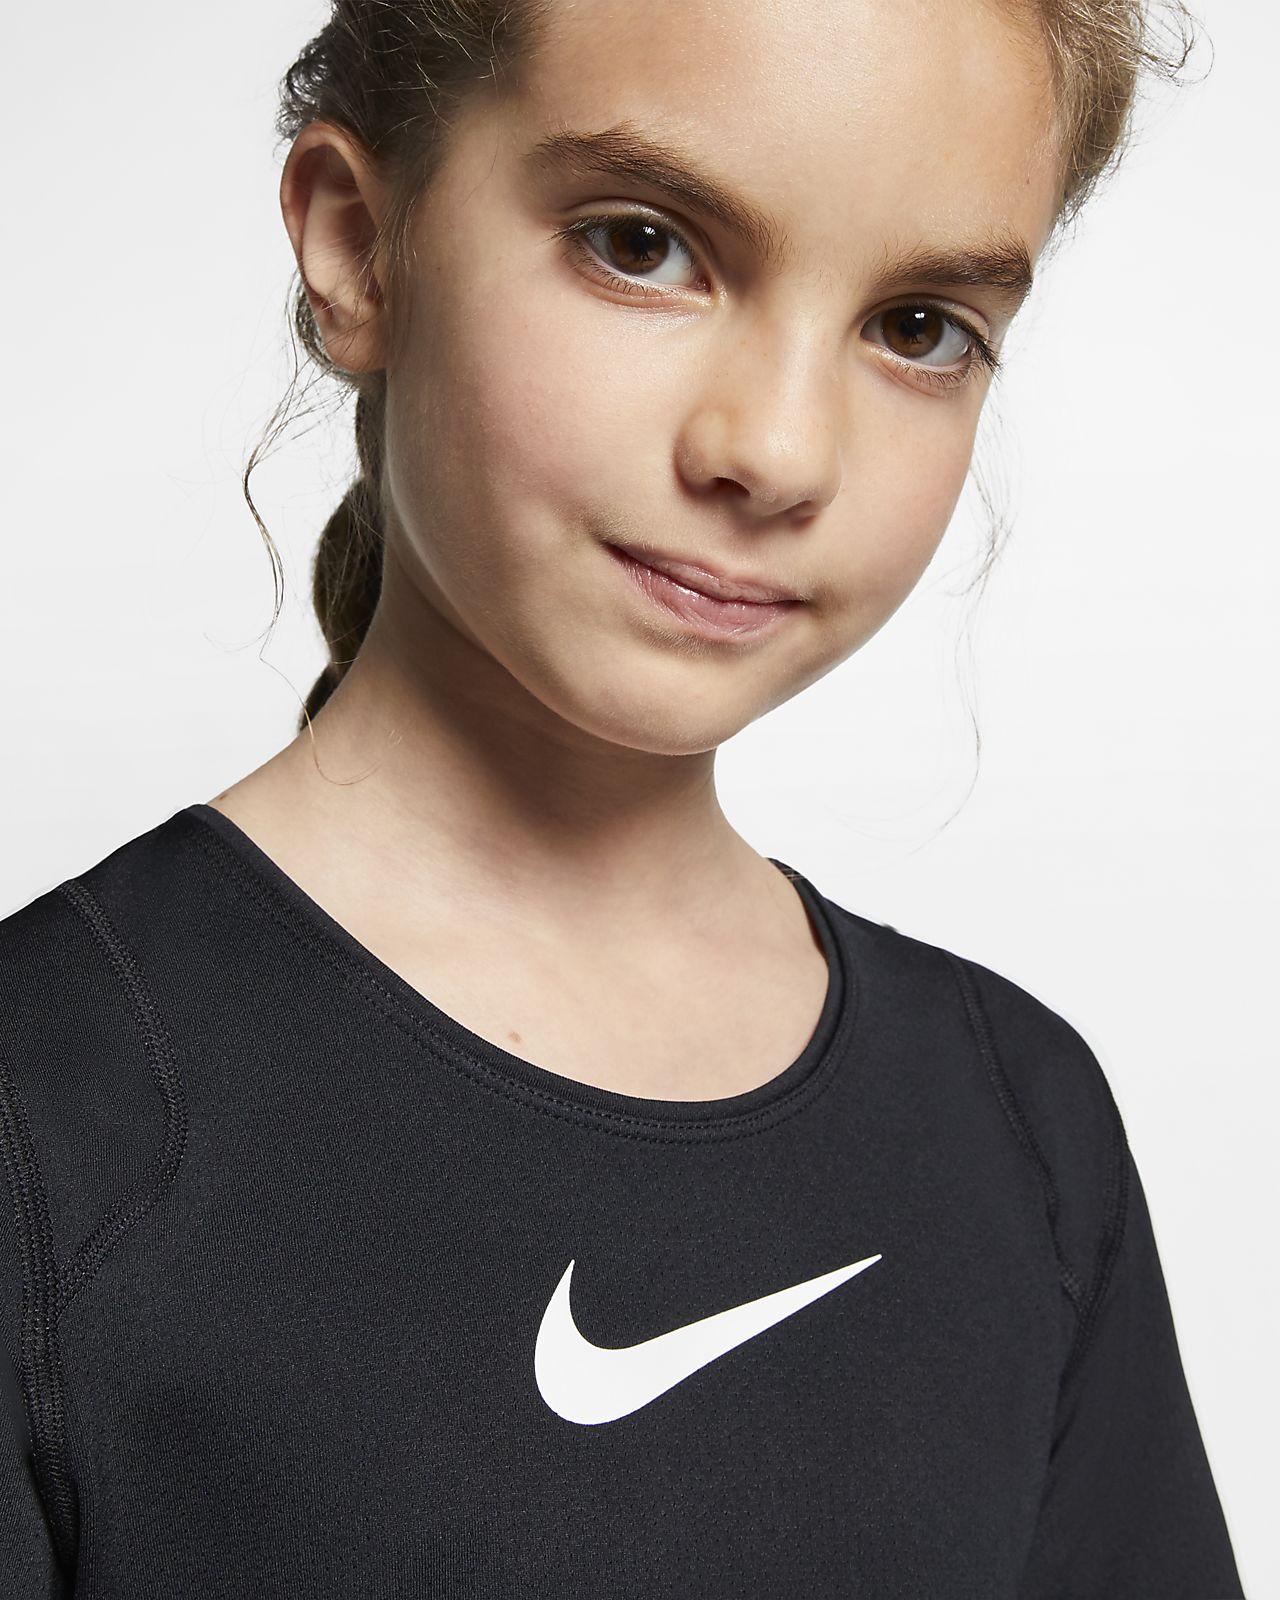 Kortärmad tröja Pro för ungdom (tjejer)